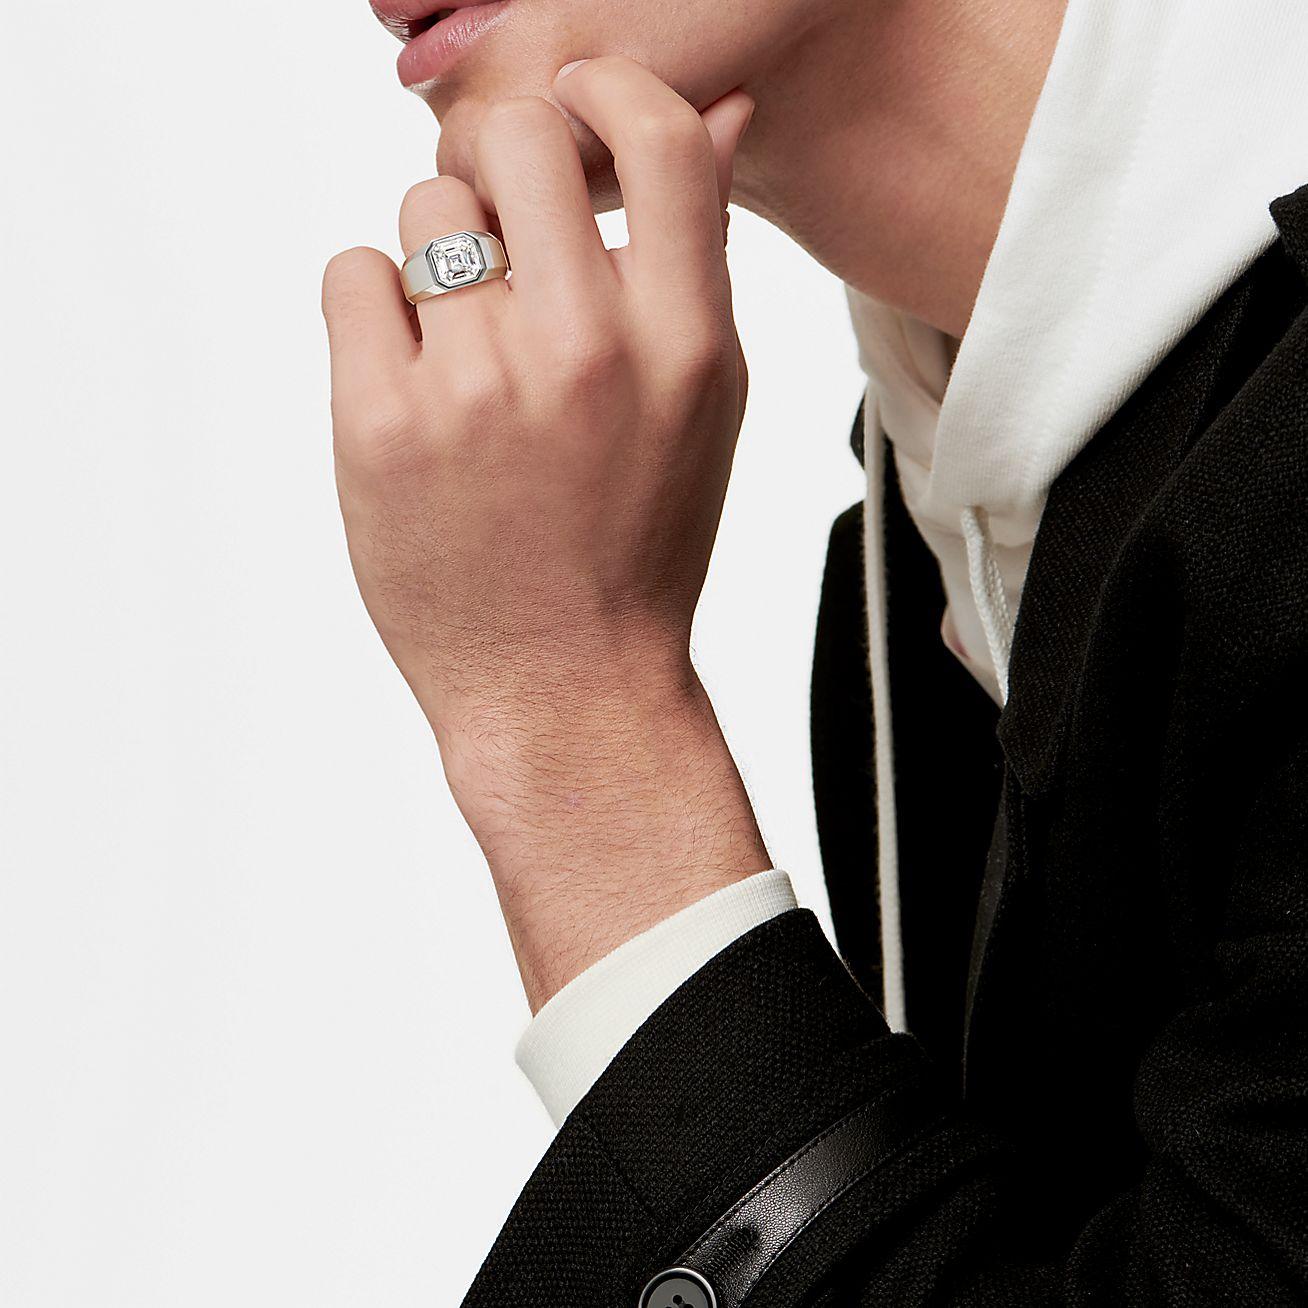 Tiffany & Co anillo de compromiso para hombre, anillos de compromiso tiffany & co - Wedding Hub - 07